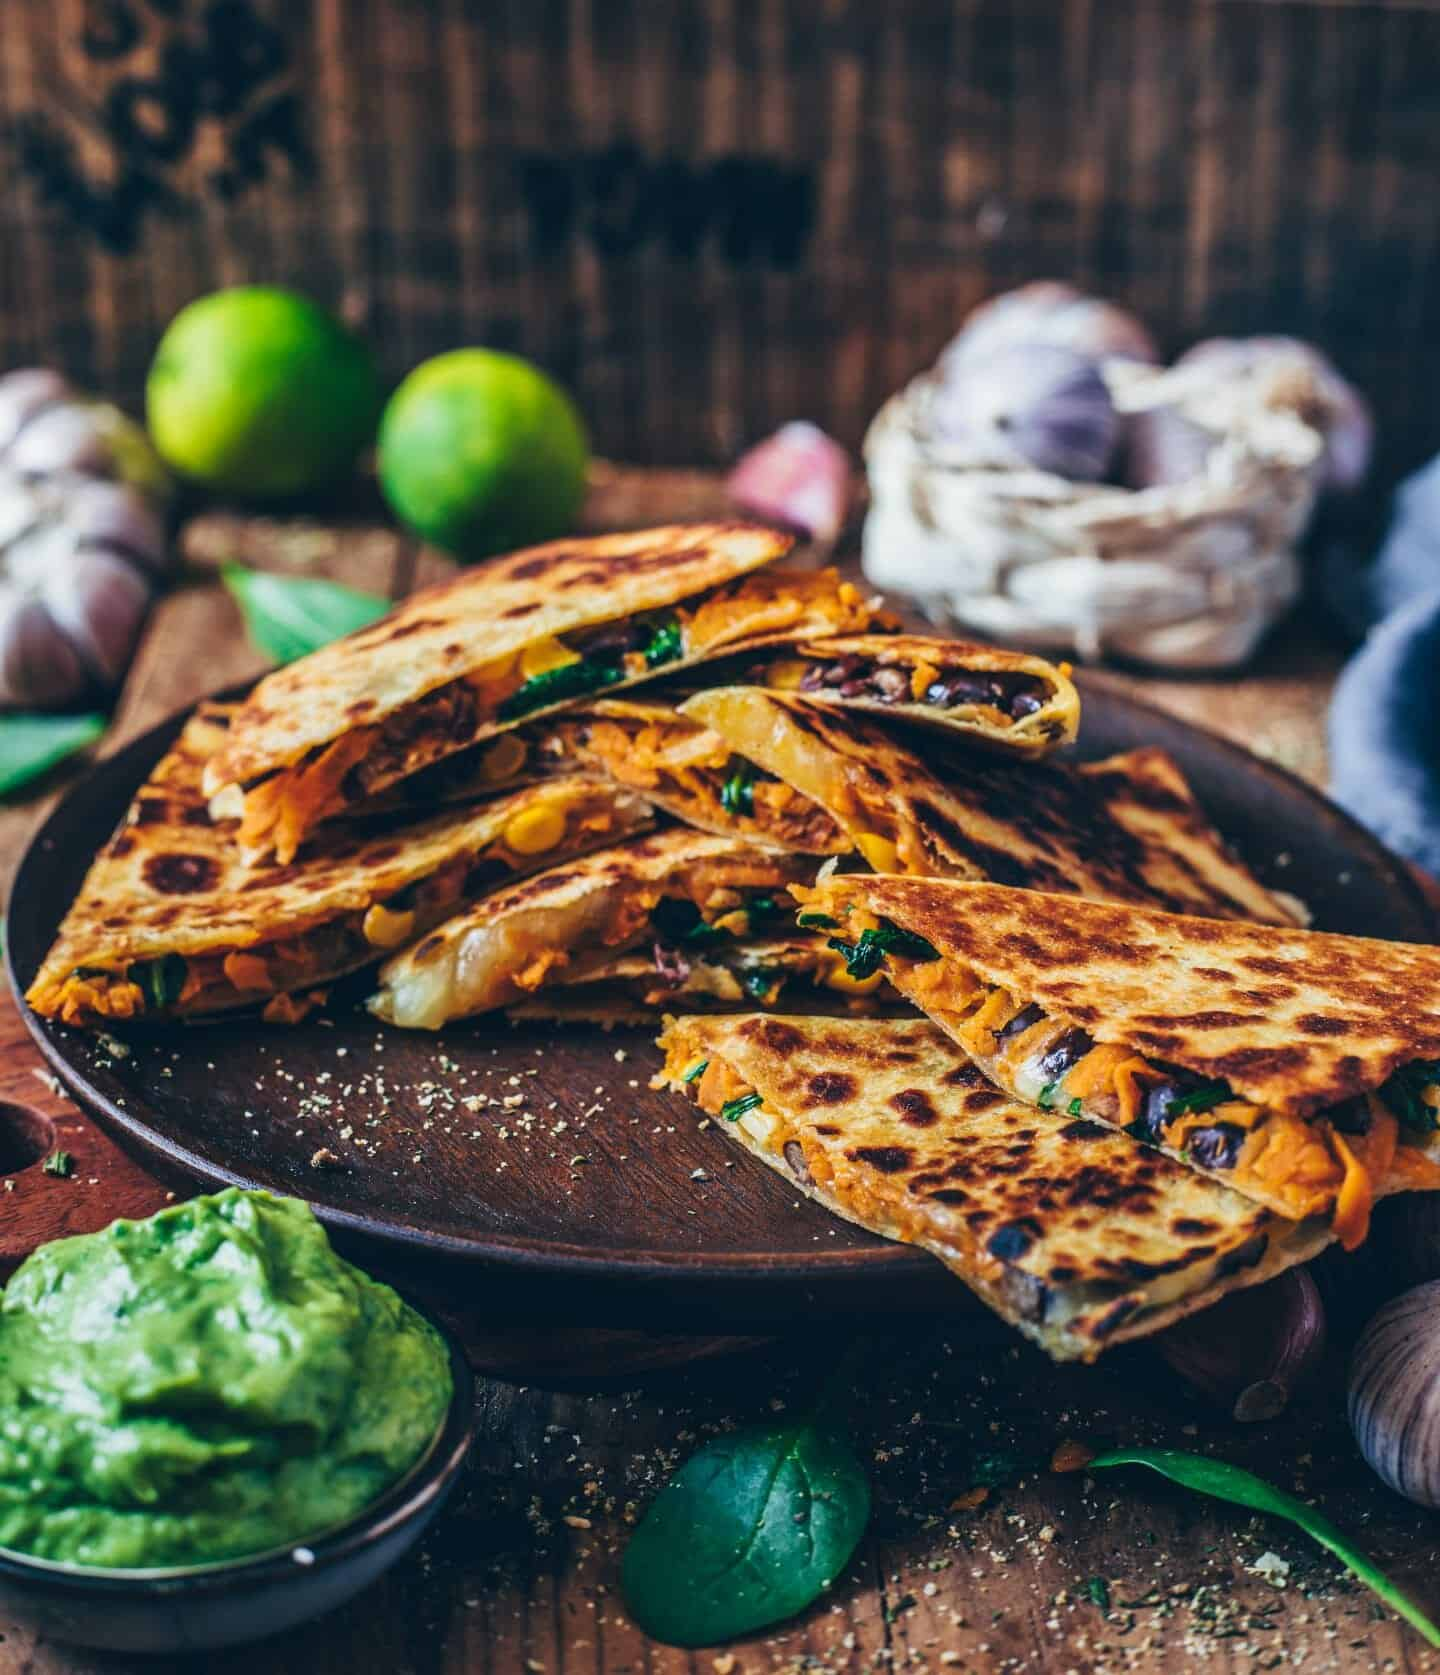 Vegane Süßkartoffel-Quesadillas mit schwarzen Bohnen, Mais und veganem Käse gefüllt. Sie sind perfekt als schnelle Mahlzeit oder Snack. Dieses Rezept ist glutenfrei, gesund, super lecker, käsig und sehr einfach zu machen.